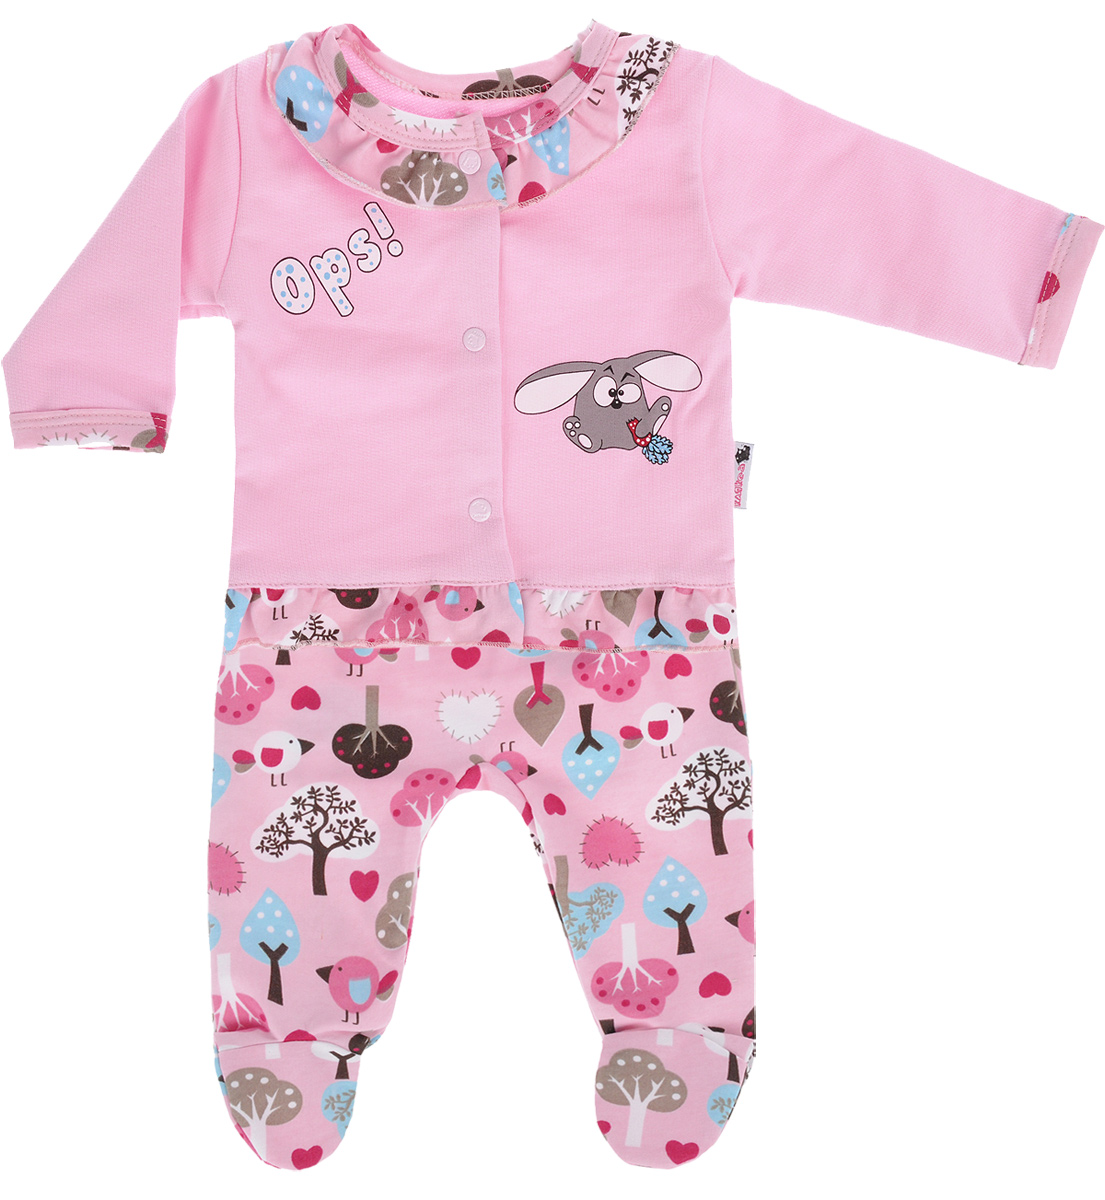 Комплект для девочки Клякса: кофточка, ползунки, цвет: розовый. 21Д-5062. Размер 7421Д-5062Детский комплект Клякса состоит из кофточки и ползунков. Комплект выполнен из натурального хлопка. Кофта с длинным рукавом застегивается на кнопки спереди. Модель украшена оборками под горловиной и по низу, а также декорирована принтом с изображением забавного кролика. Ползунки с закрытыми ножками имеют эластичную резинку на поясе. Изделие оформлено ярким принтом.